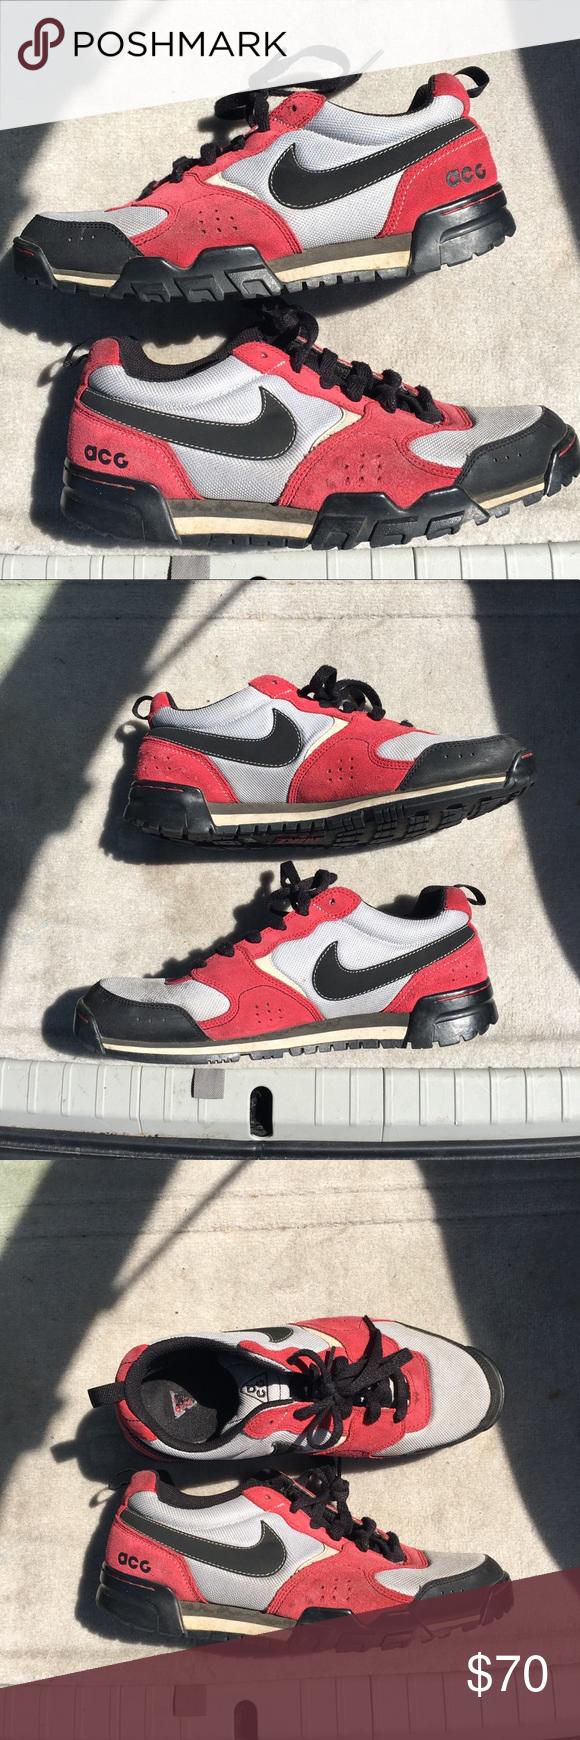 Nike acg pyroclast en 2019